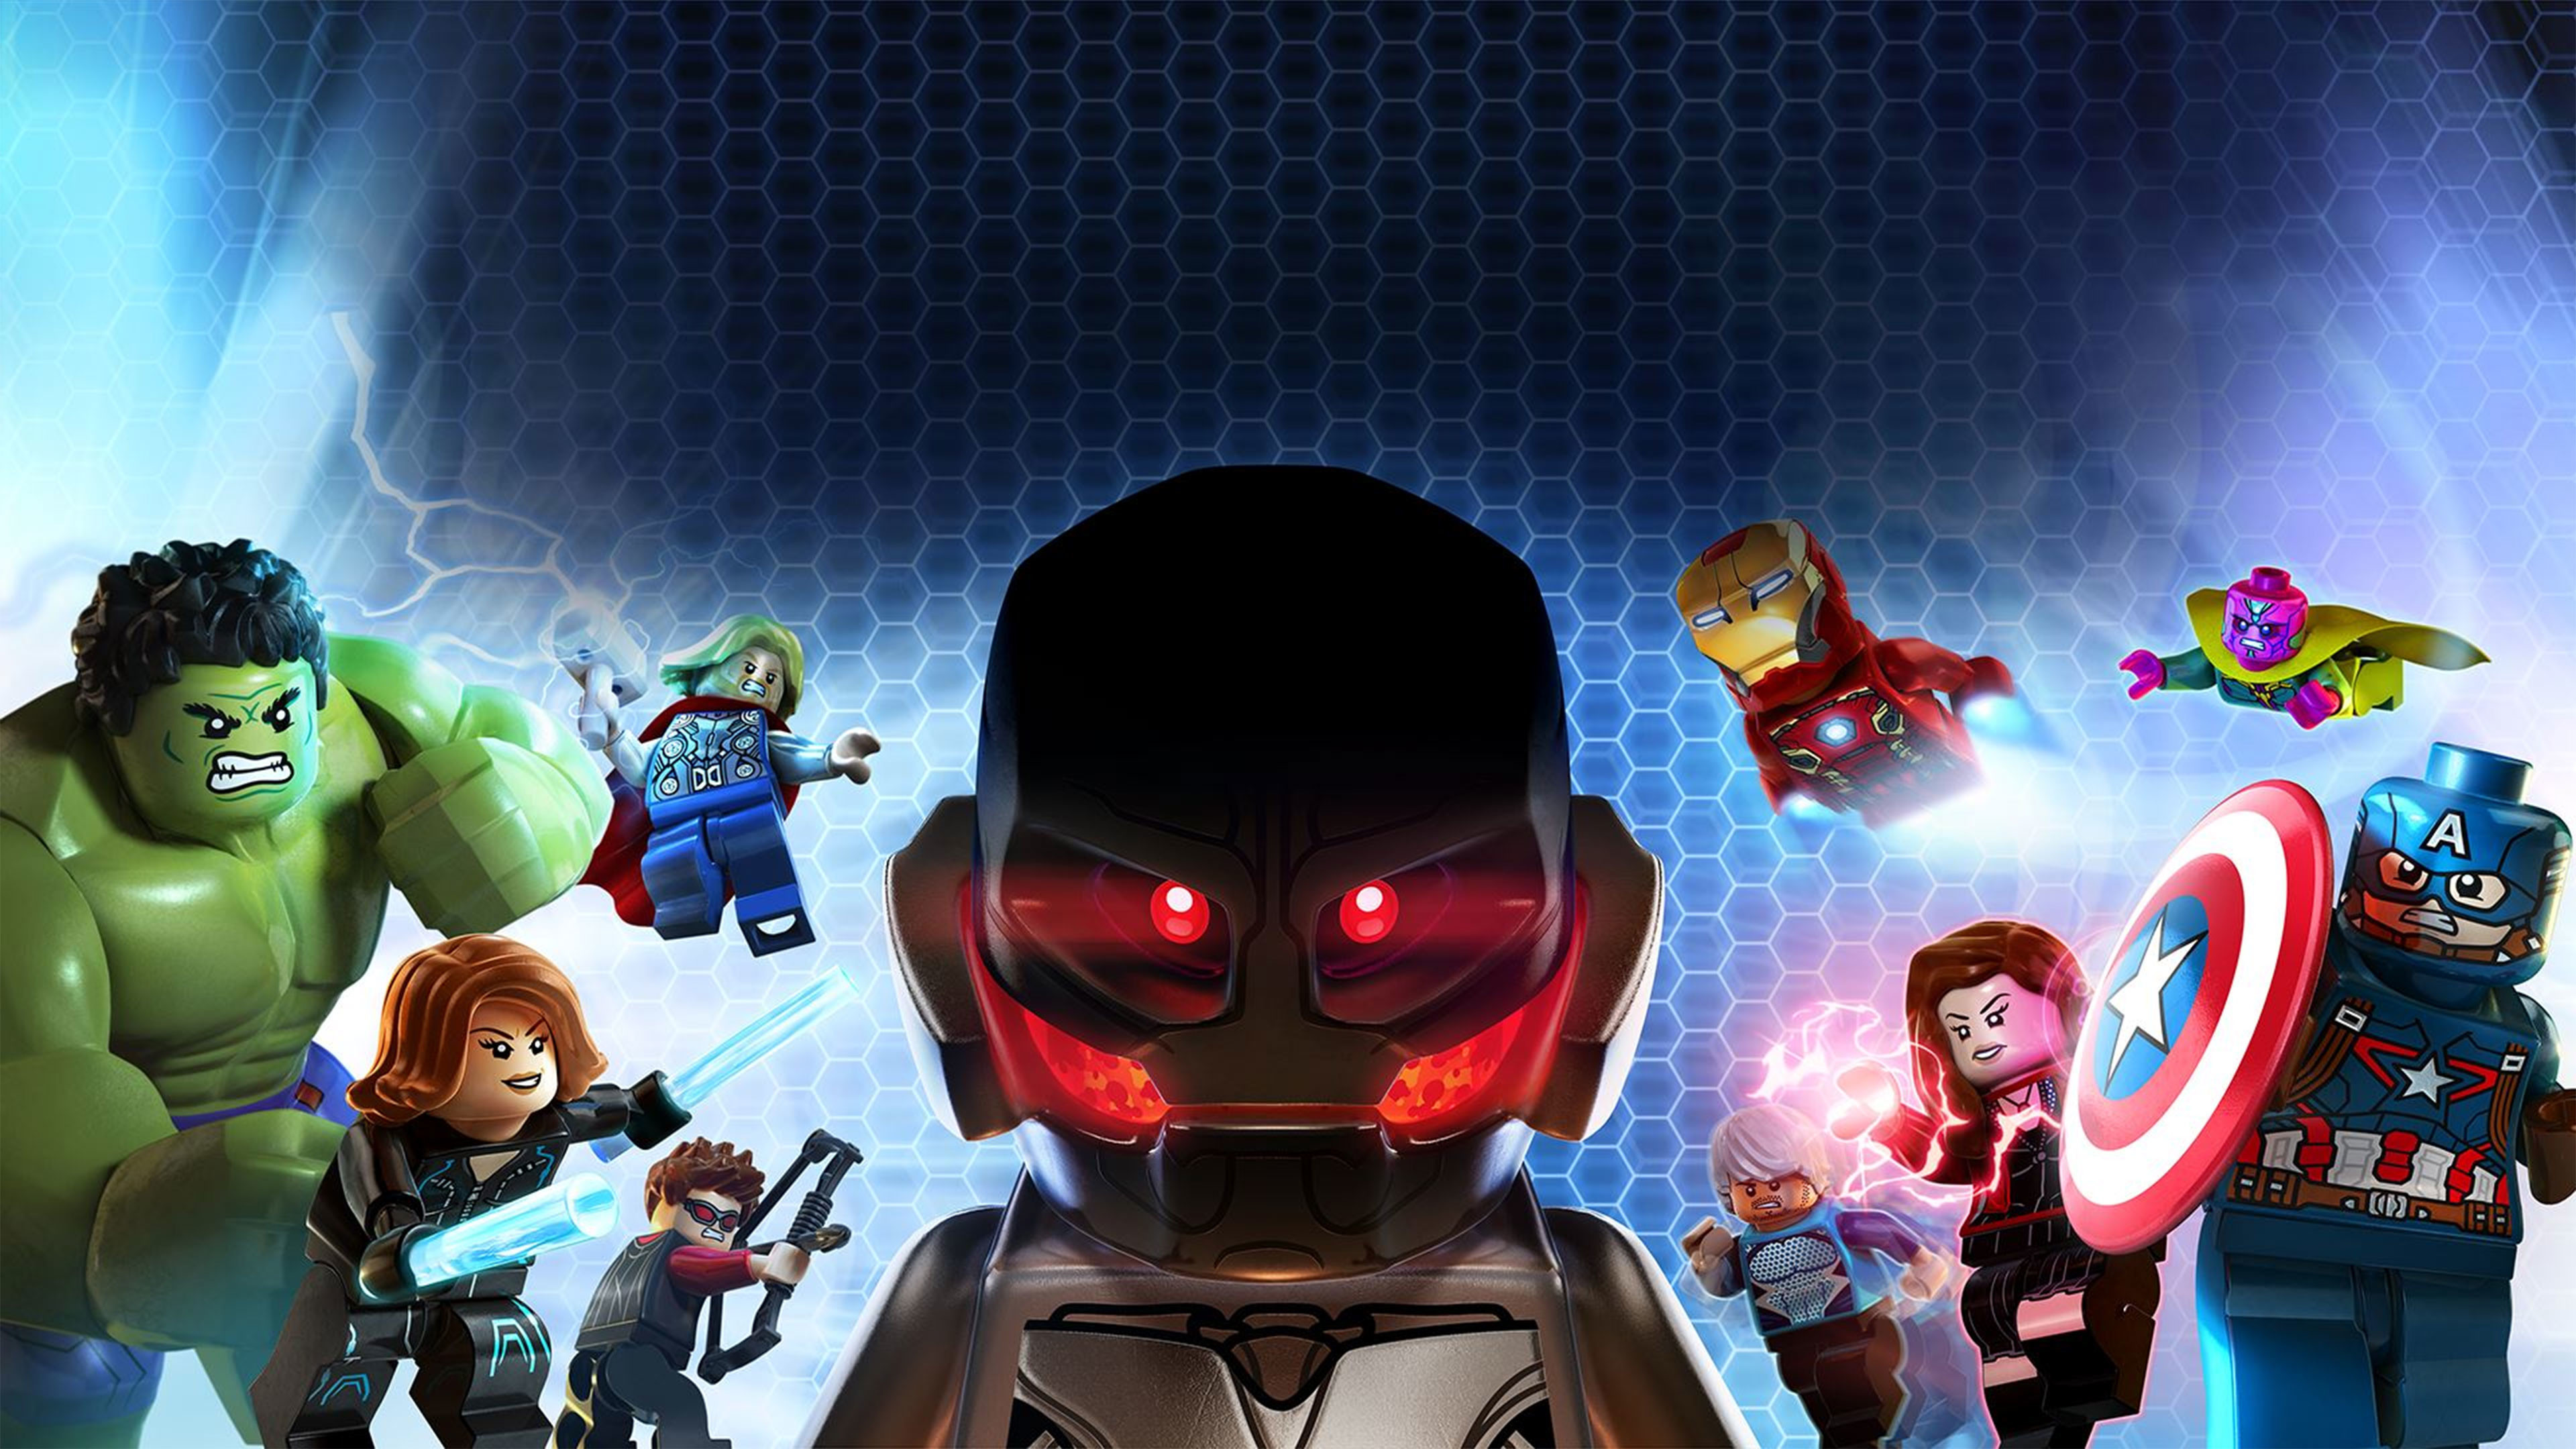 Res: 3840x2160, Lego Marvel's Avengers 4K Wallpaper ...